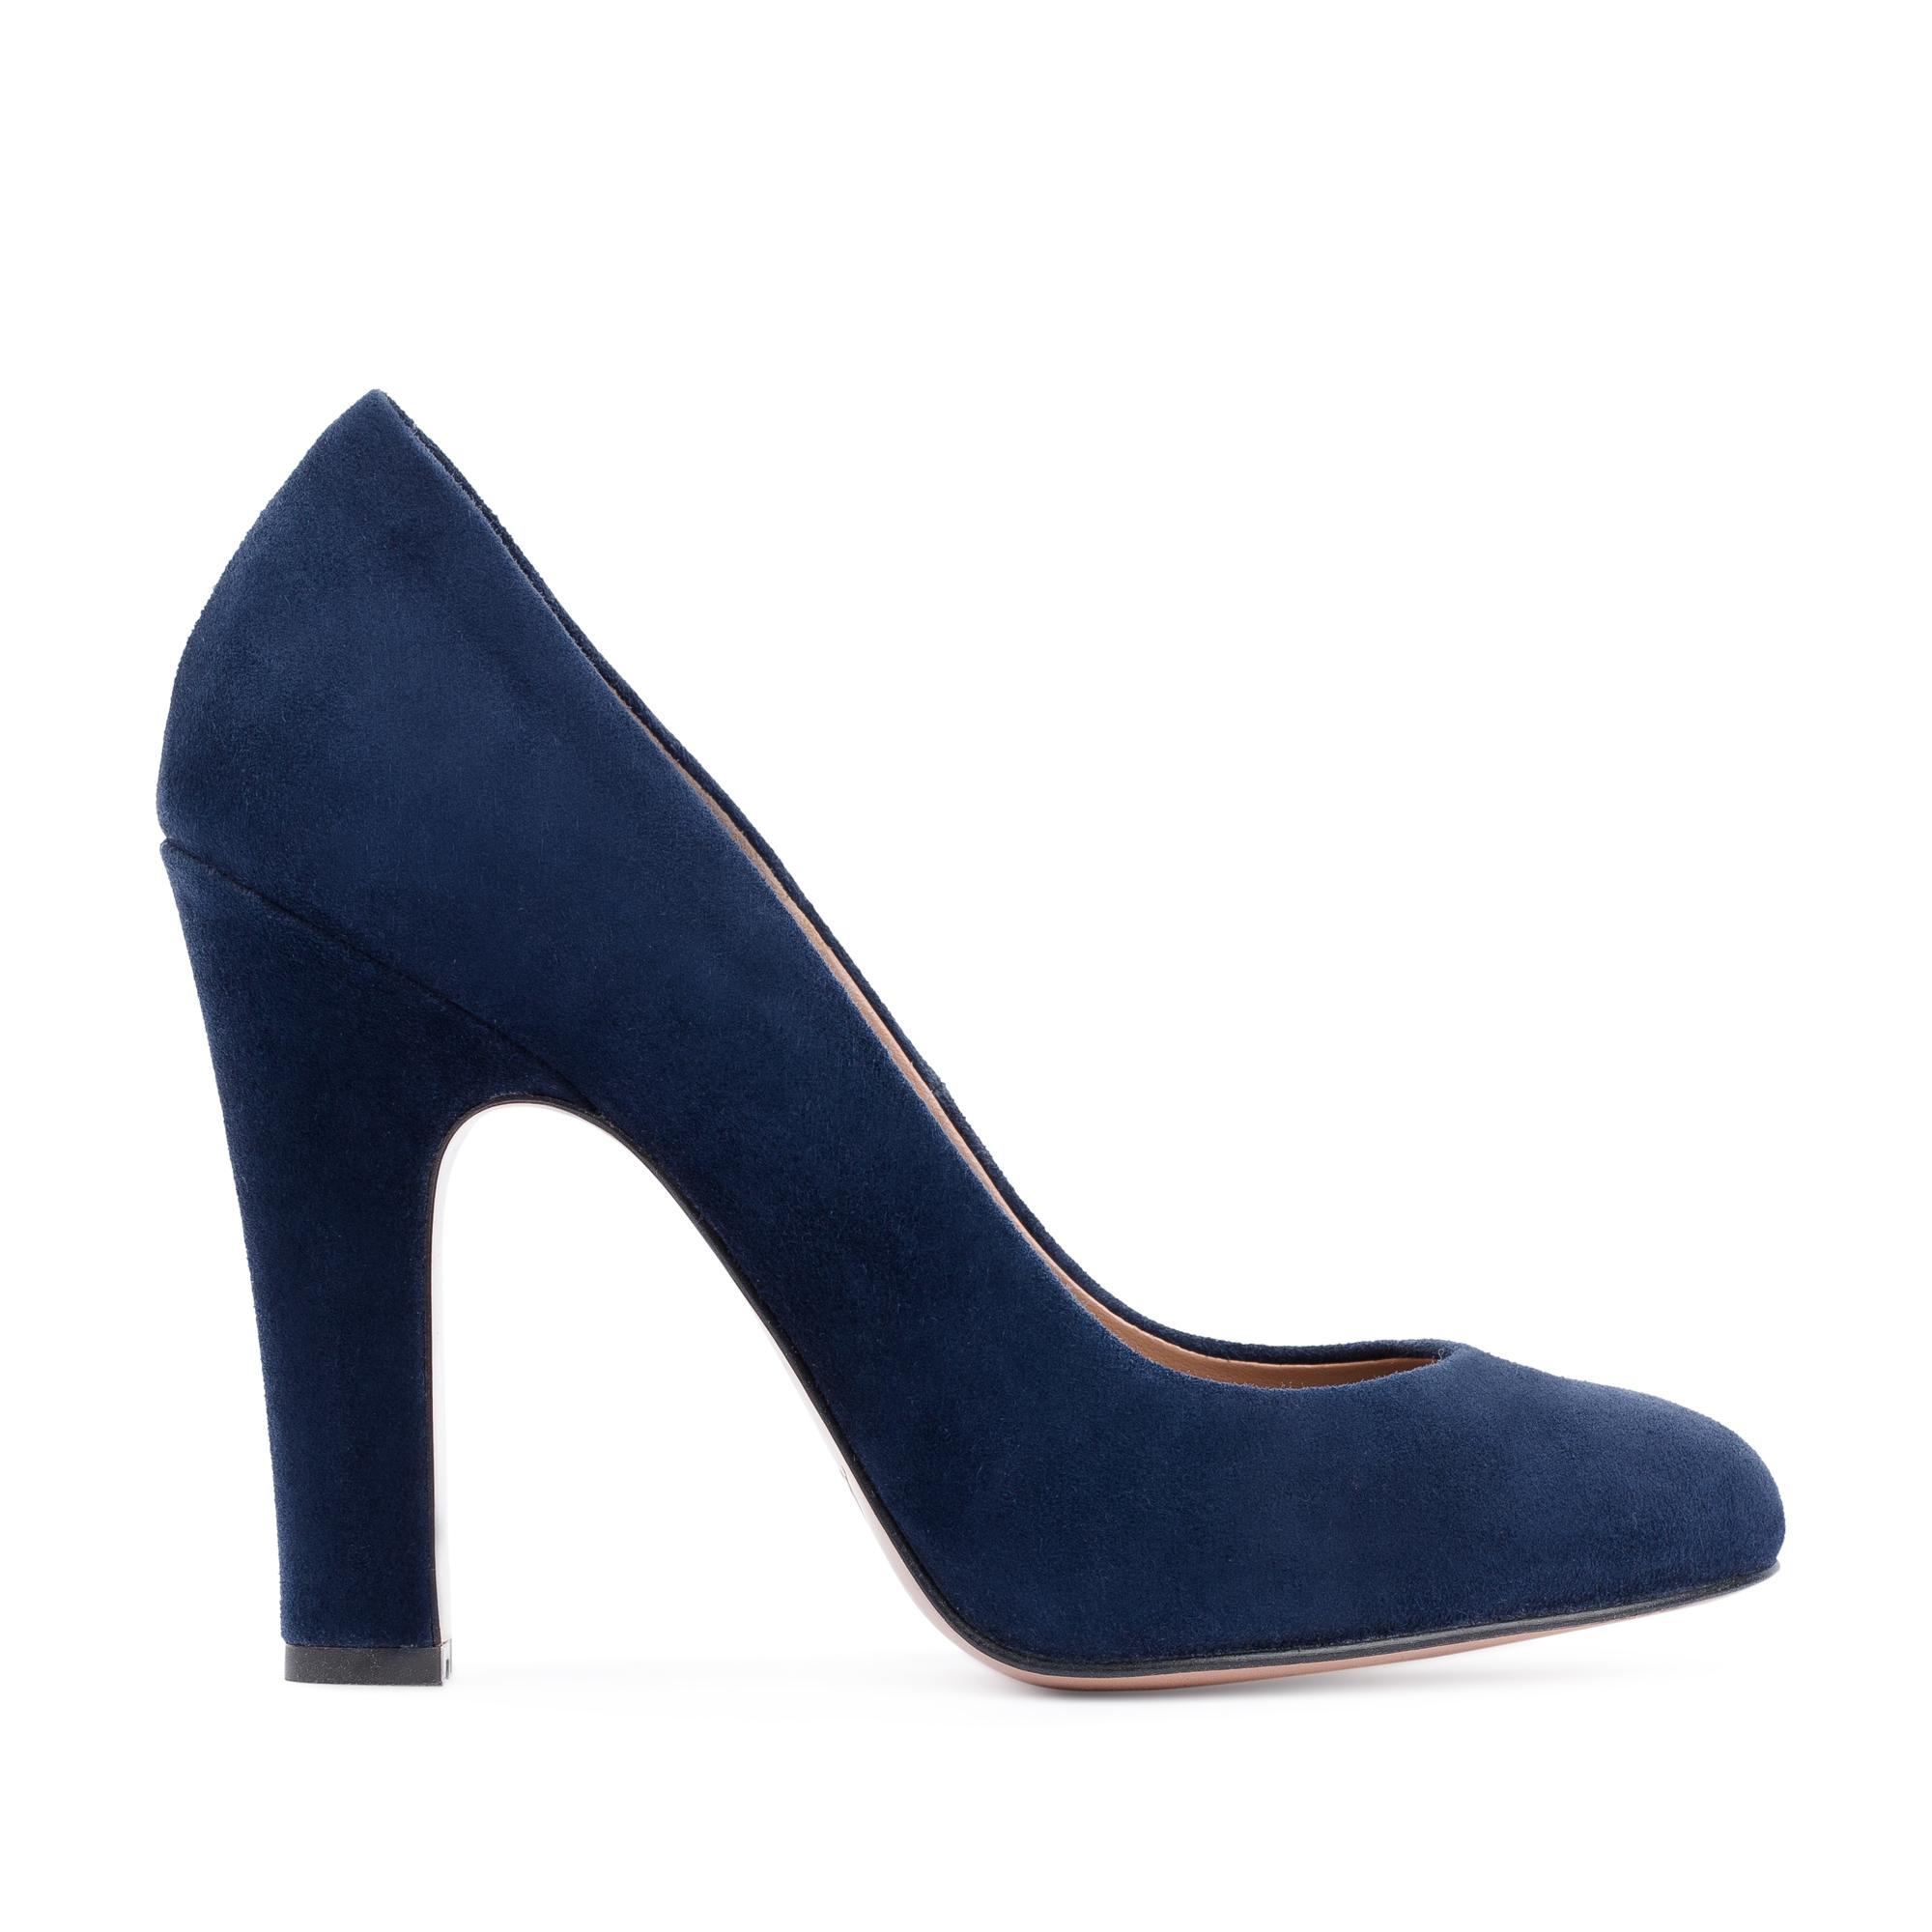 Туфли из замши сапфирового цвета на высоком устойчивом каблуке